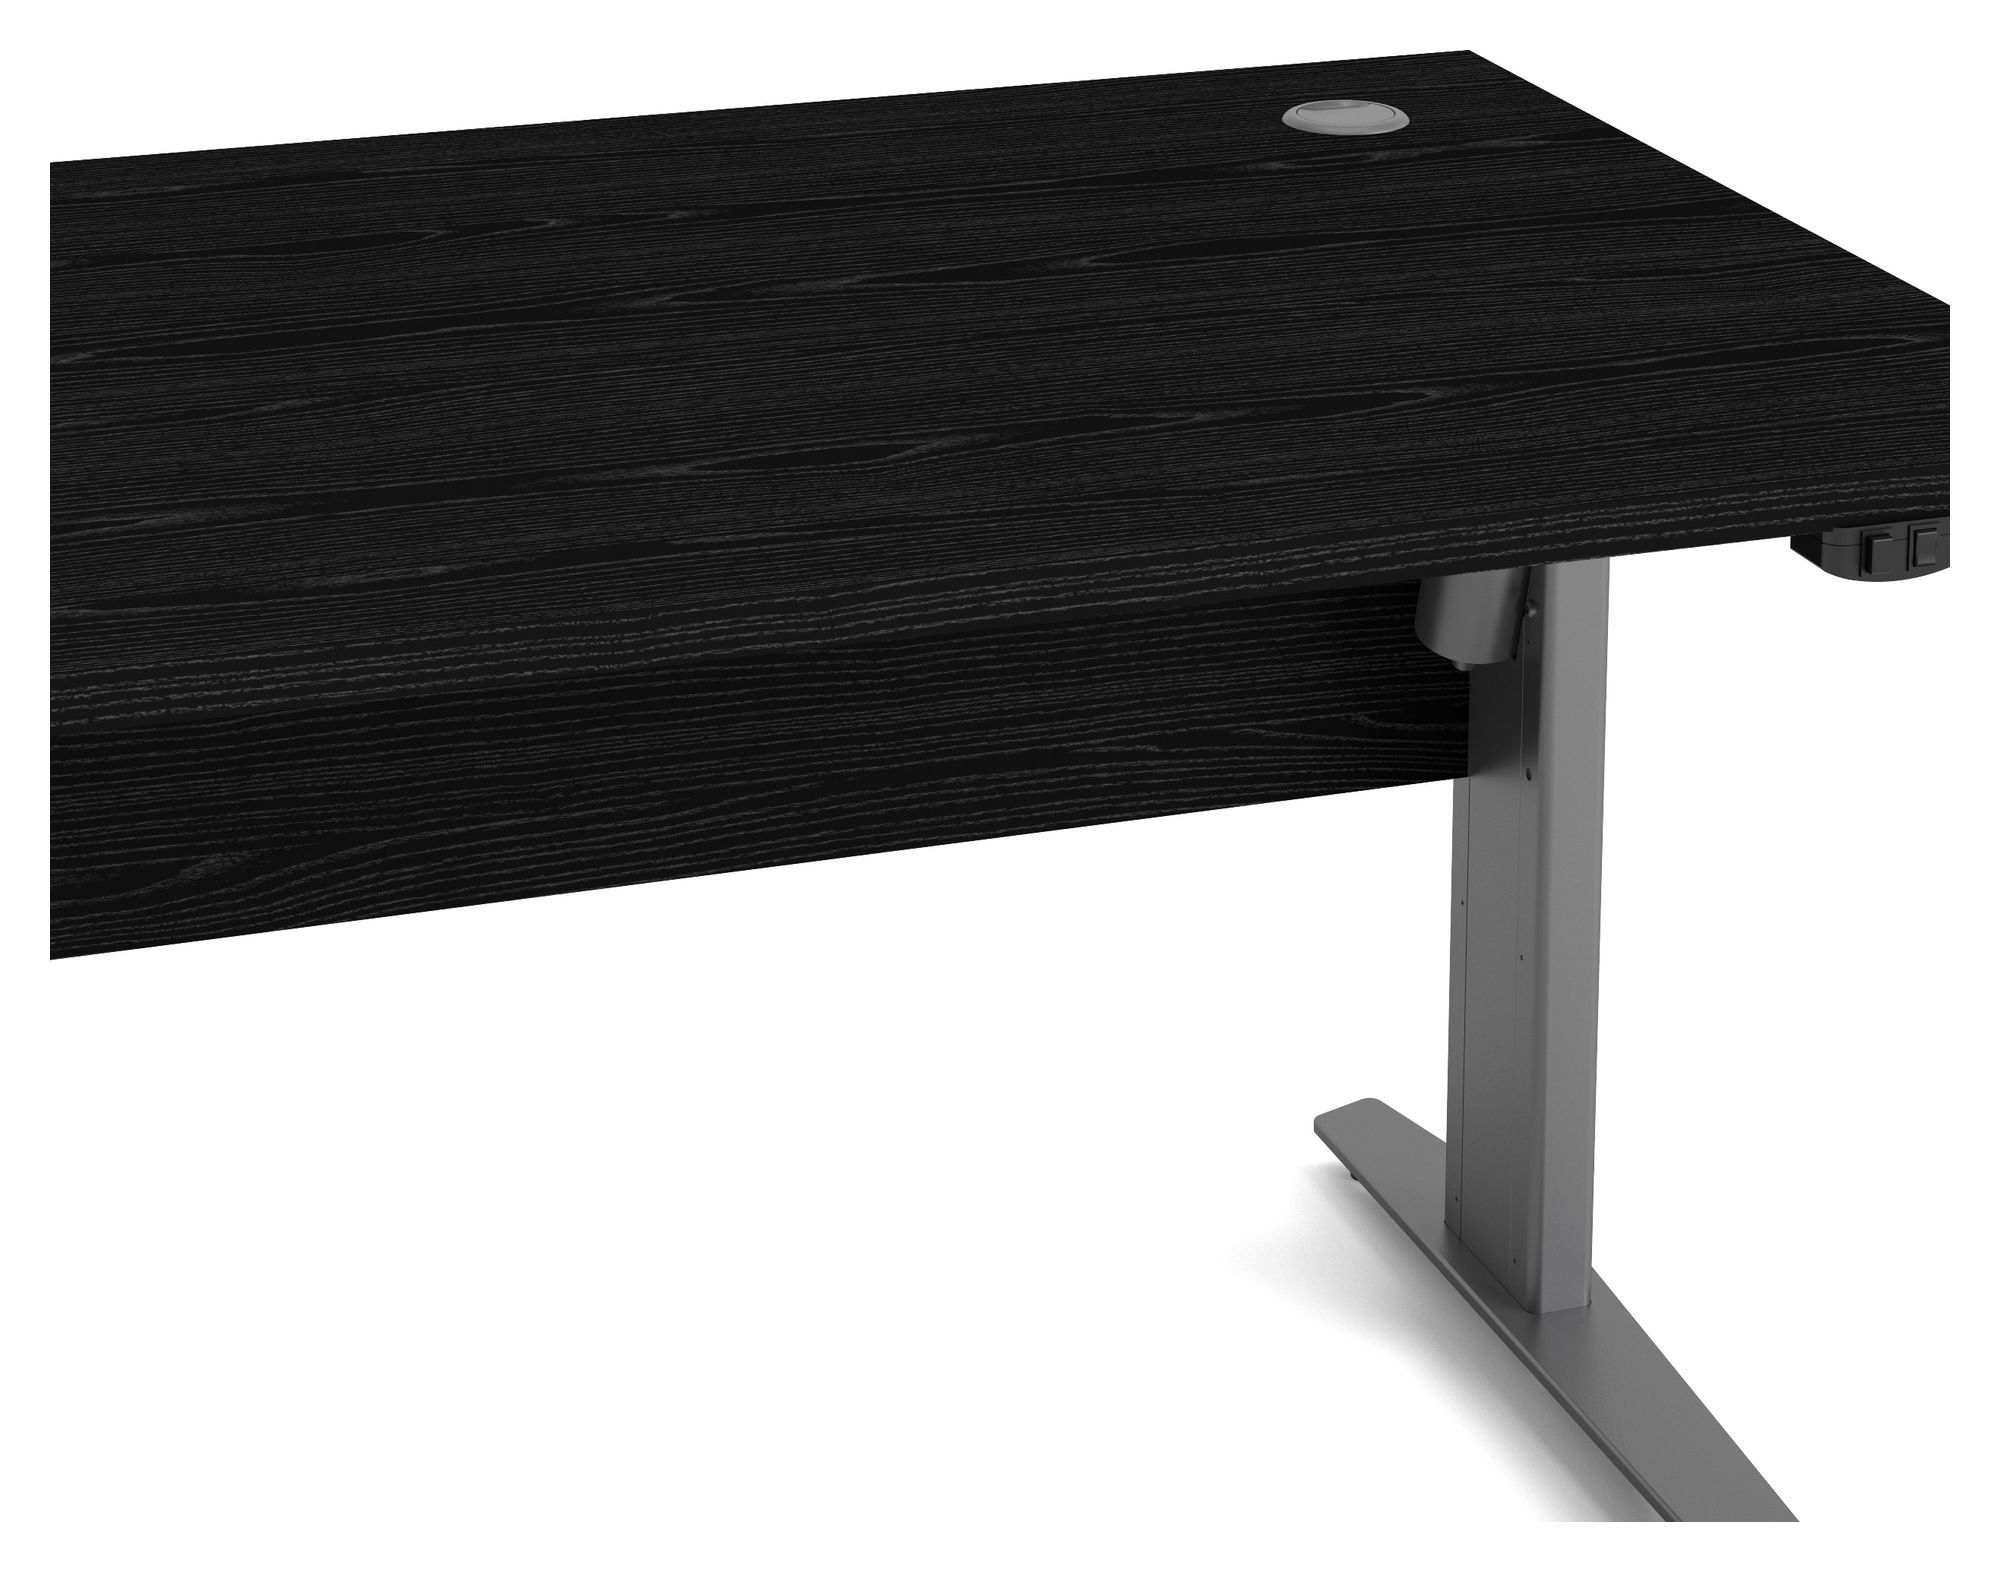 Prima Hæve/sænkebord - Sort - Hæve/sænkebord i sort ask - 150 cm